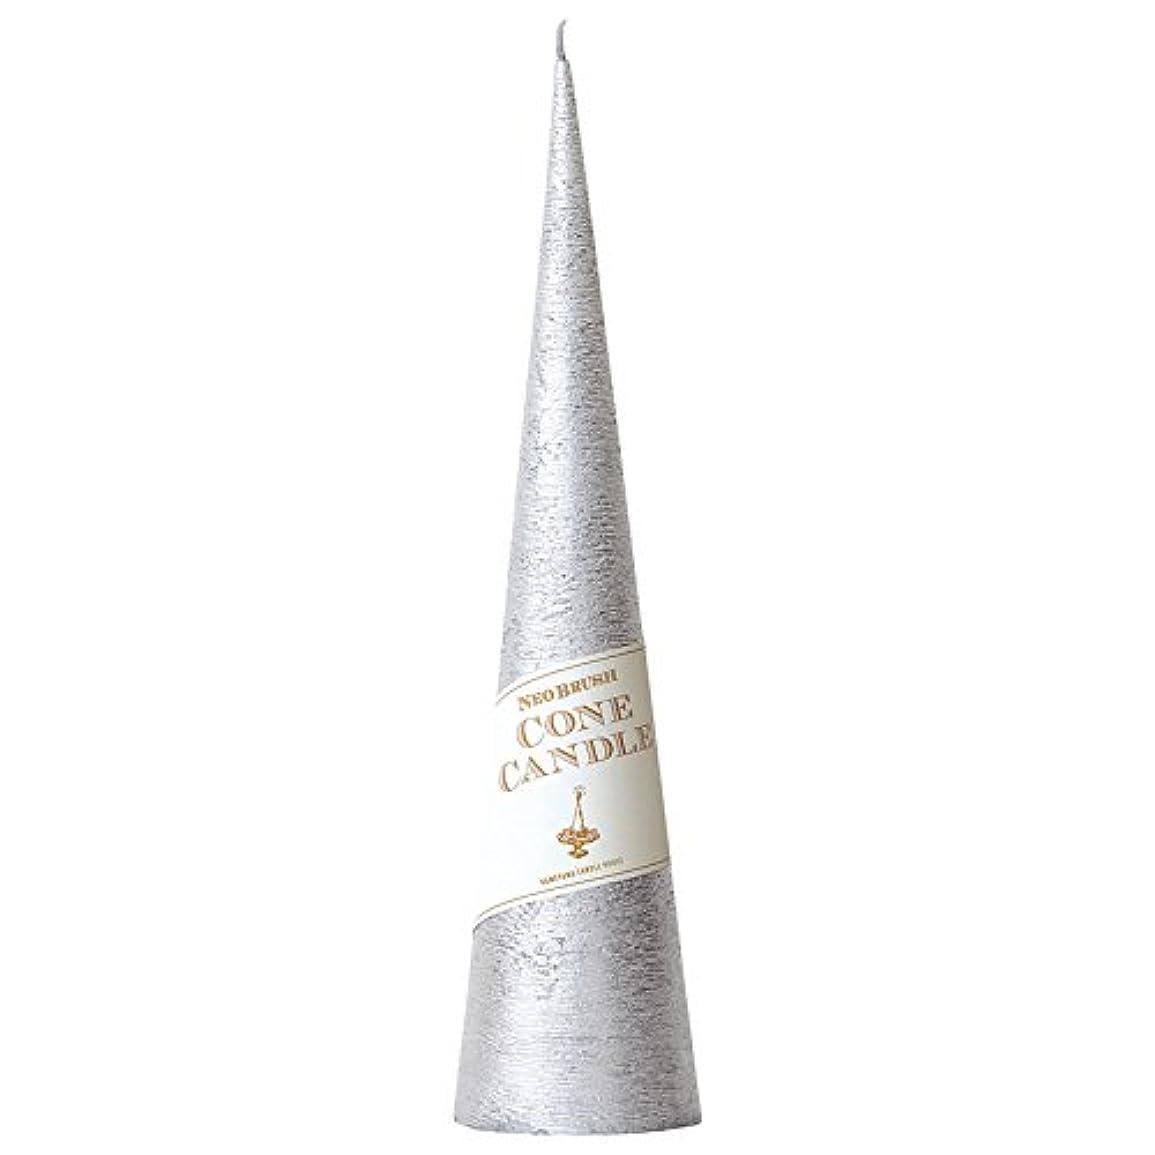 有効化鉛筆ホイットニーネオブラッシュコーン 295 キャンドル 「 シルバー 」 A9750130SI